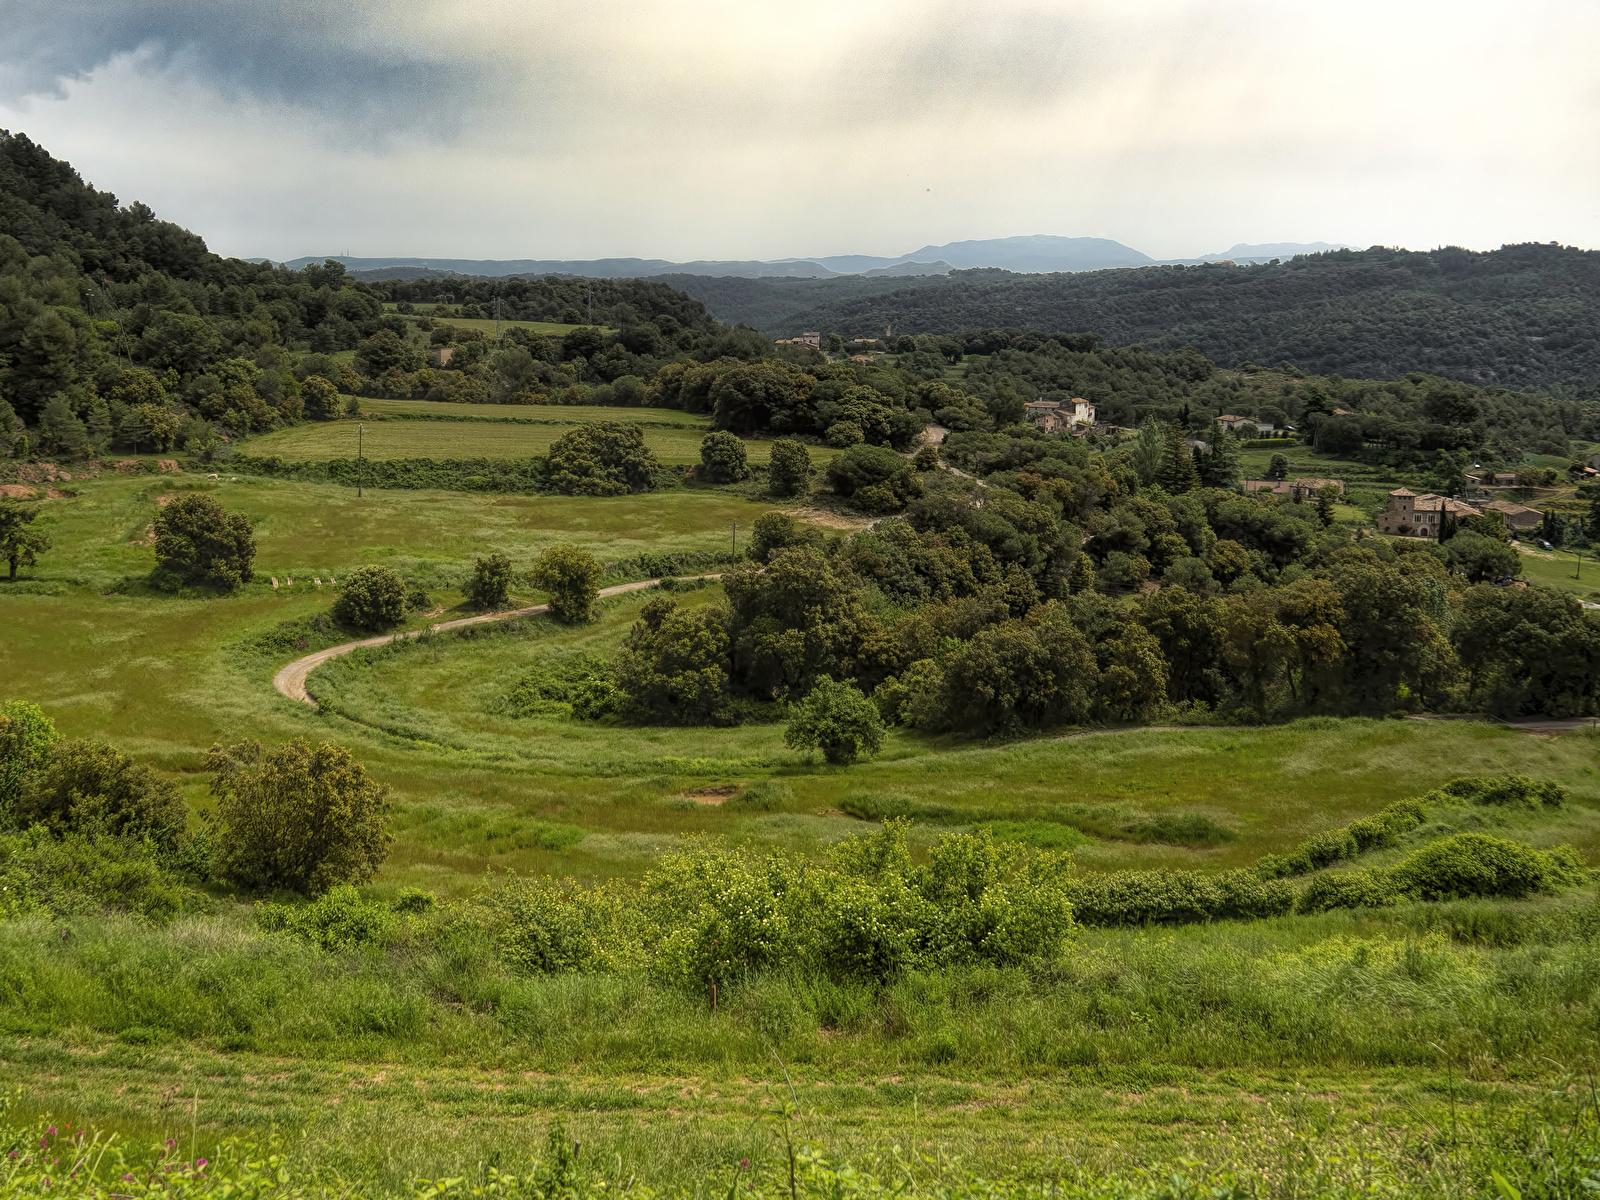 Фотография Испания Granera Catalonia Природа Леса Луга траве Дома 1600x1200 Трава Здания